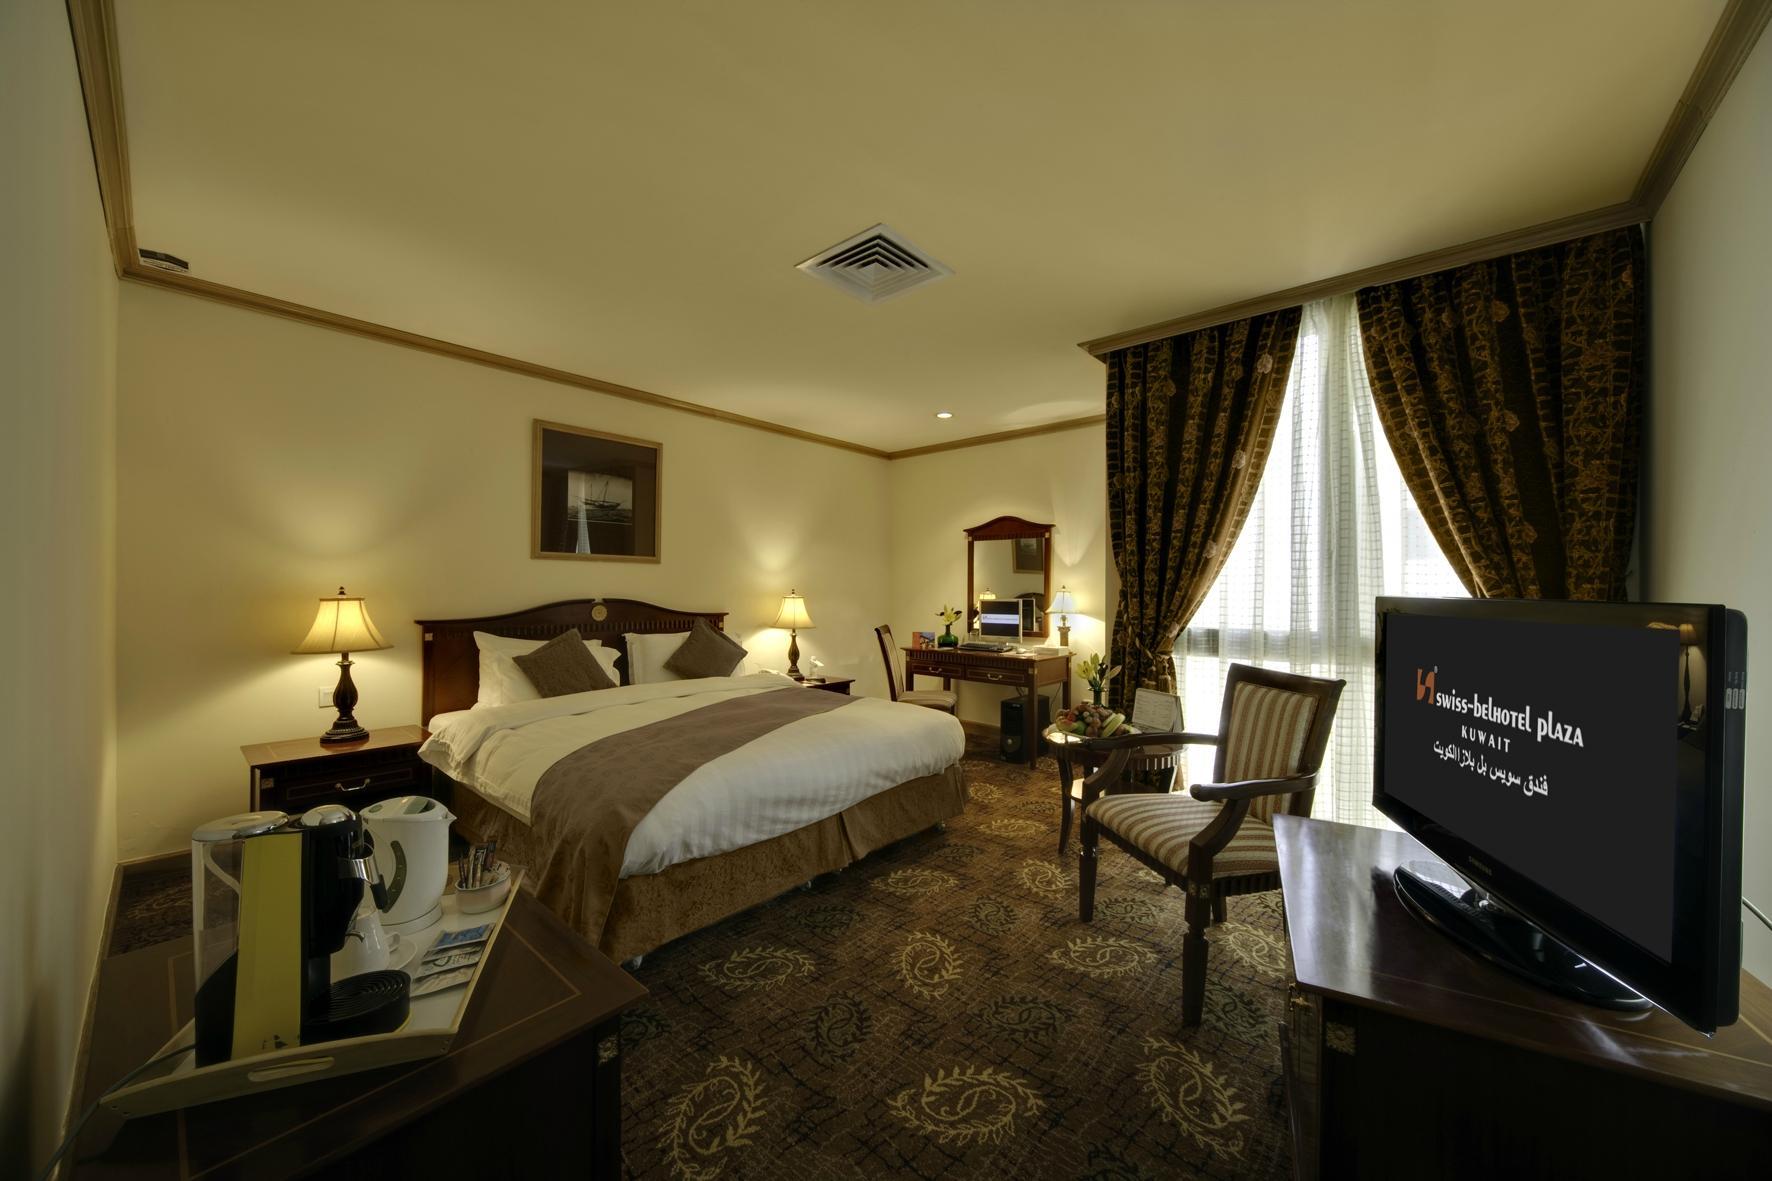 Swiss-Belhotel Plaza Kuwait